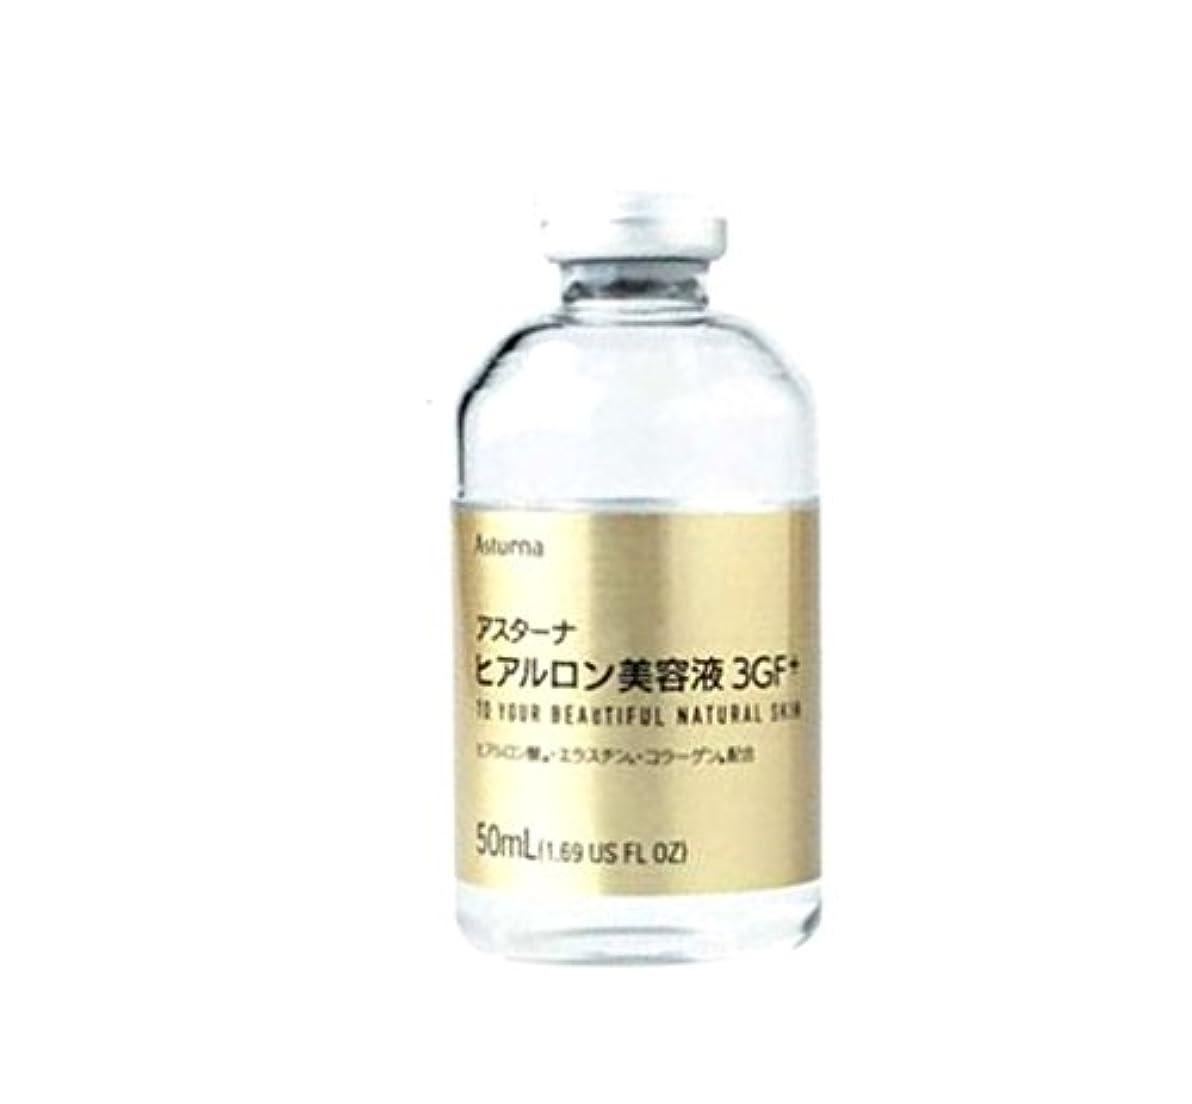 ドラフトの配列効率的にアスターナ ヒアルロン美容液3GF+ 50ml